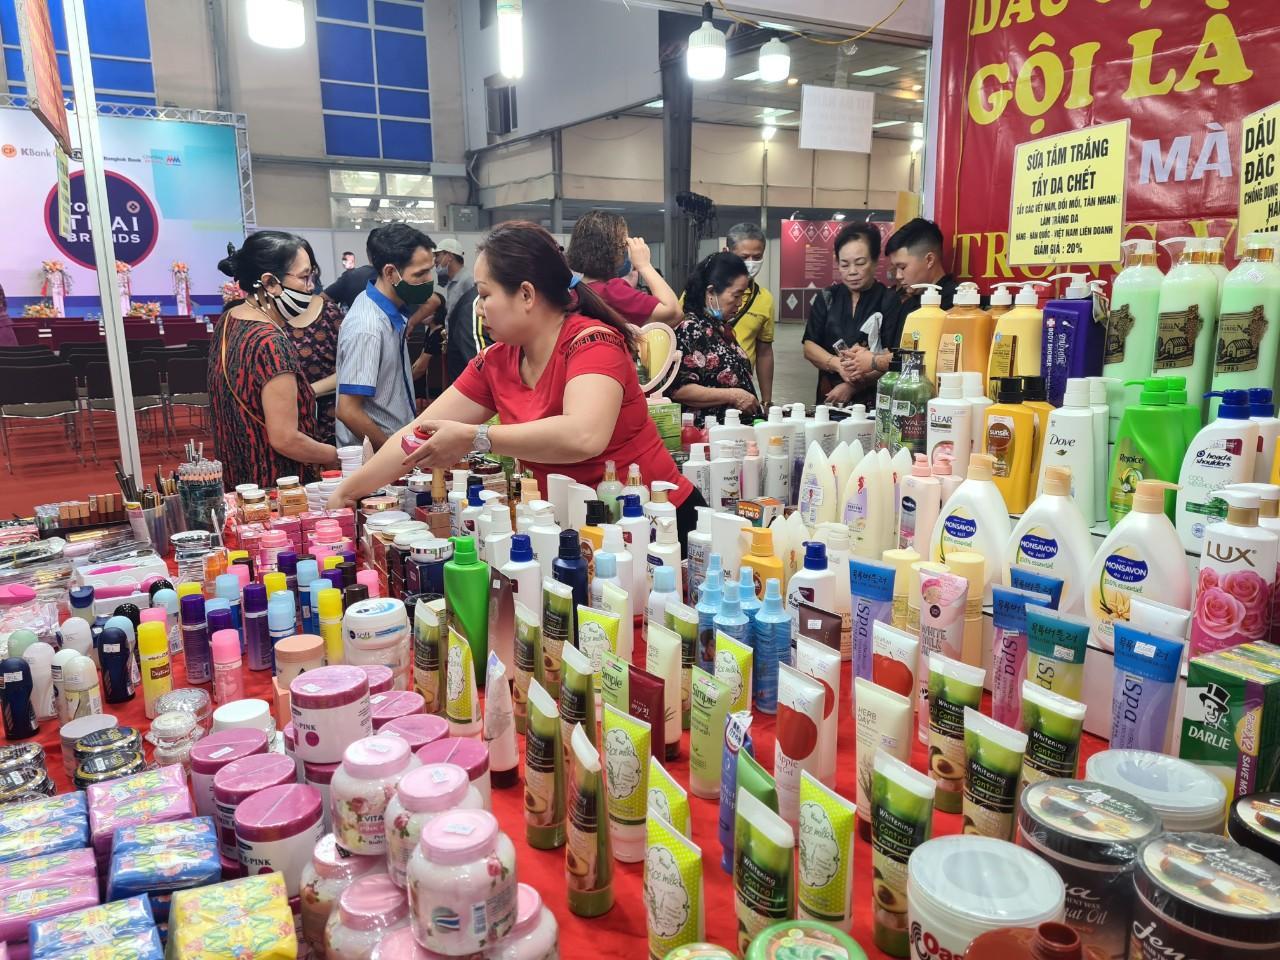 Hội chợ hàng Thái Lan tại Hà Nội, dân Hà Thành đua nhau mua sắm - Báo điện tử VnMedia - Tin nóng Việt Nam và thế giới